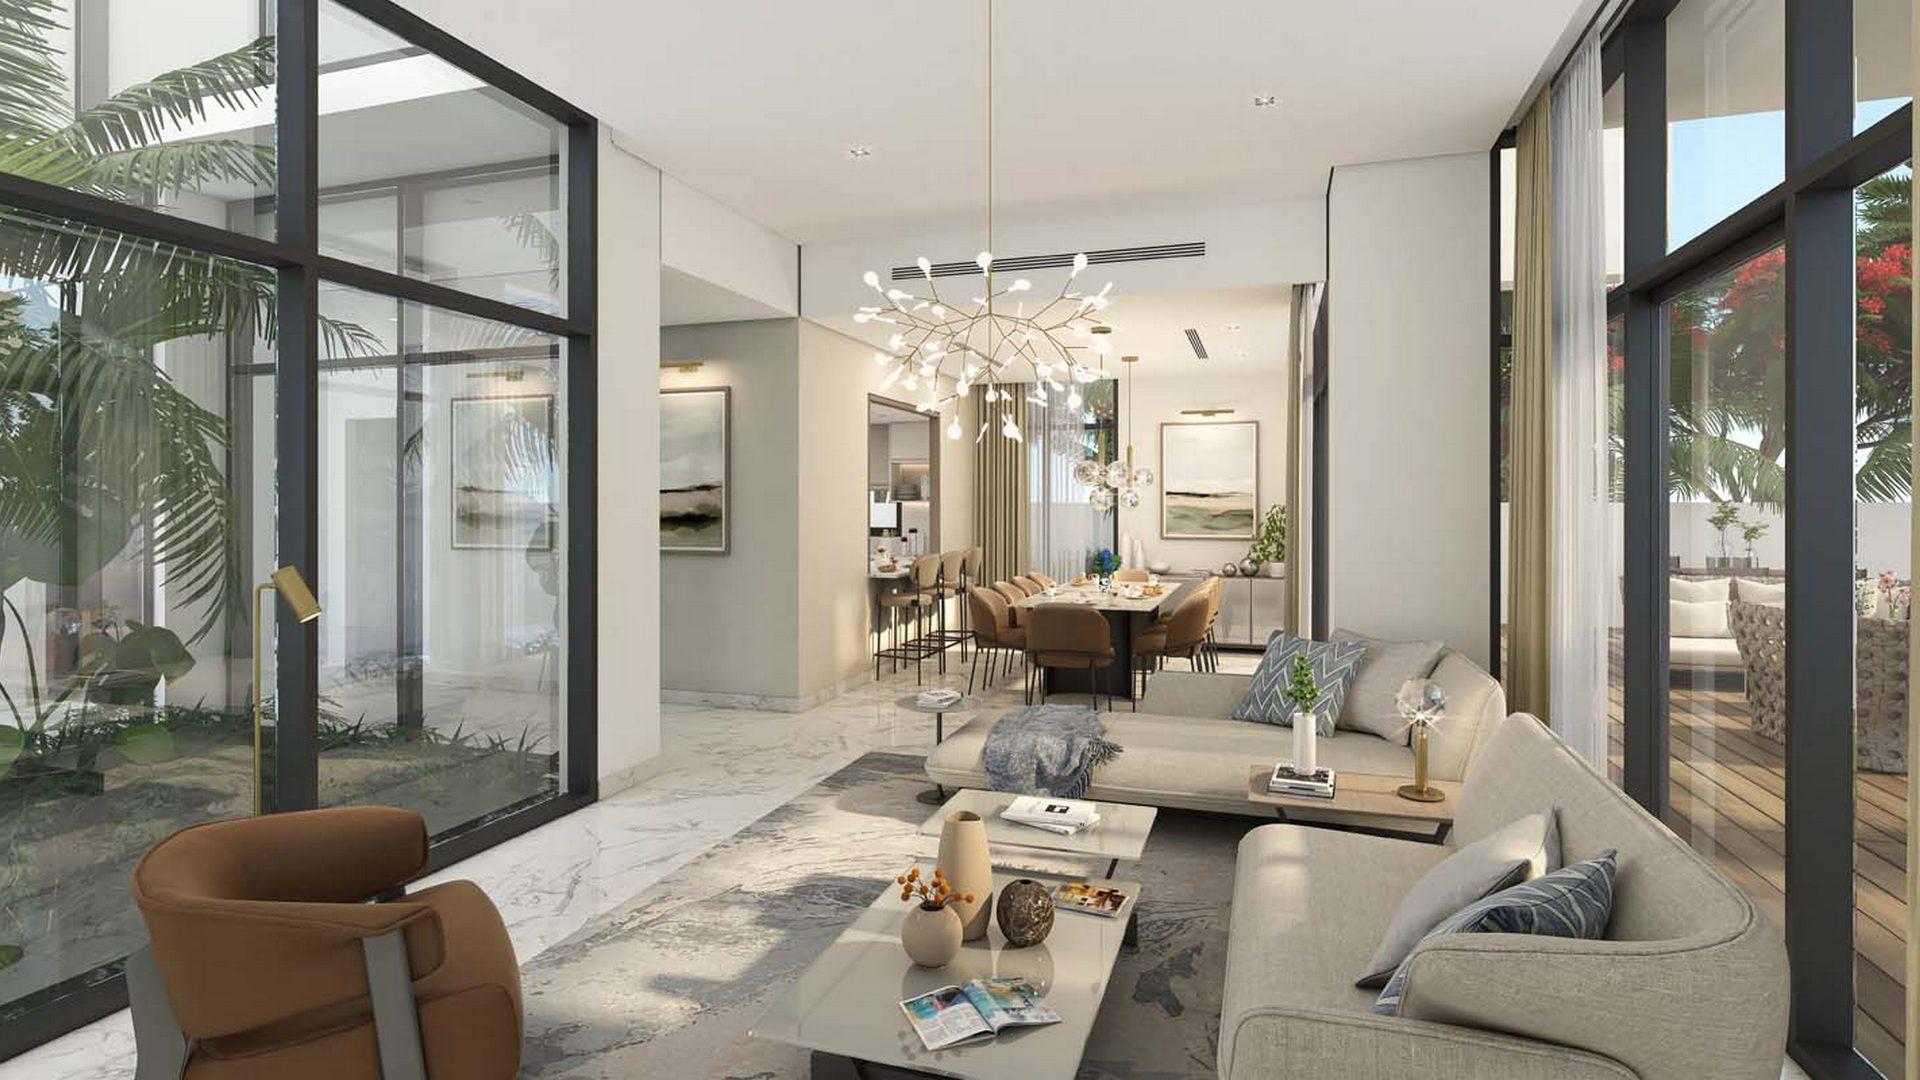 Adosado en venta en Dubai, EAU, 4 dormitorios, 457 m2, № 24532 – foto 8